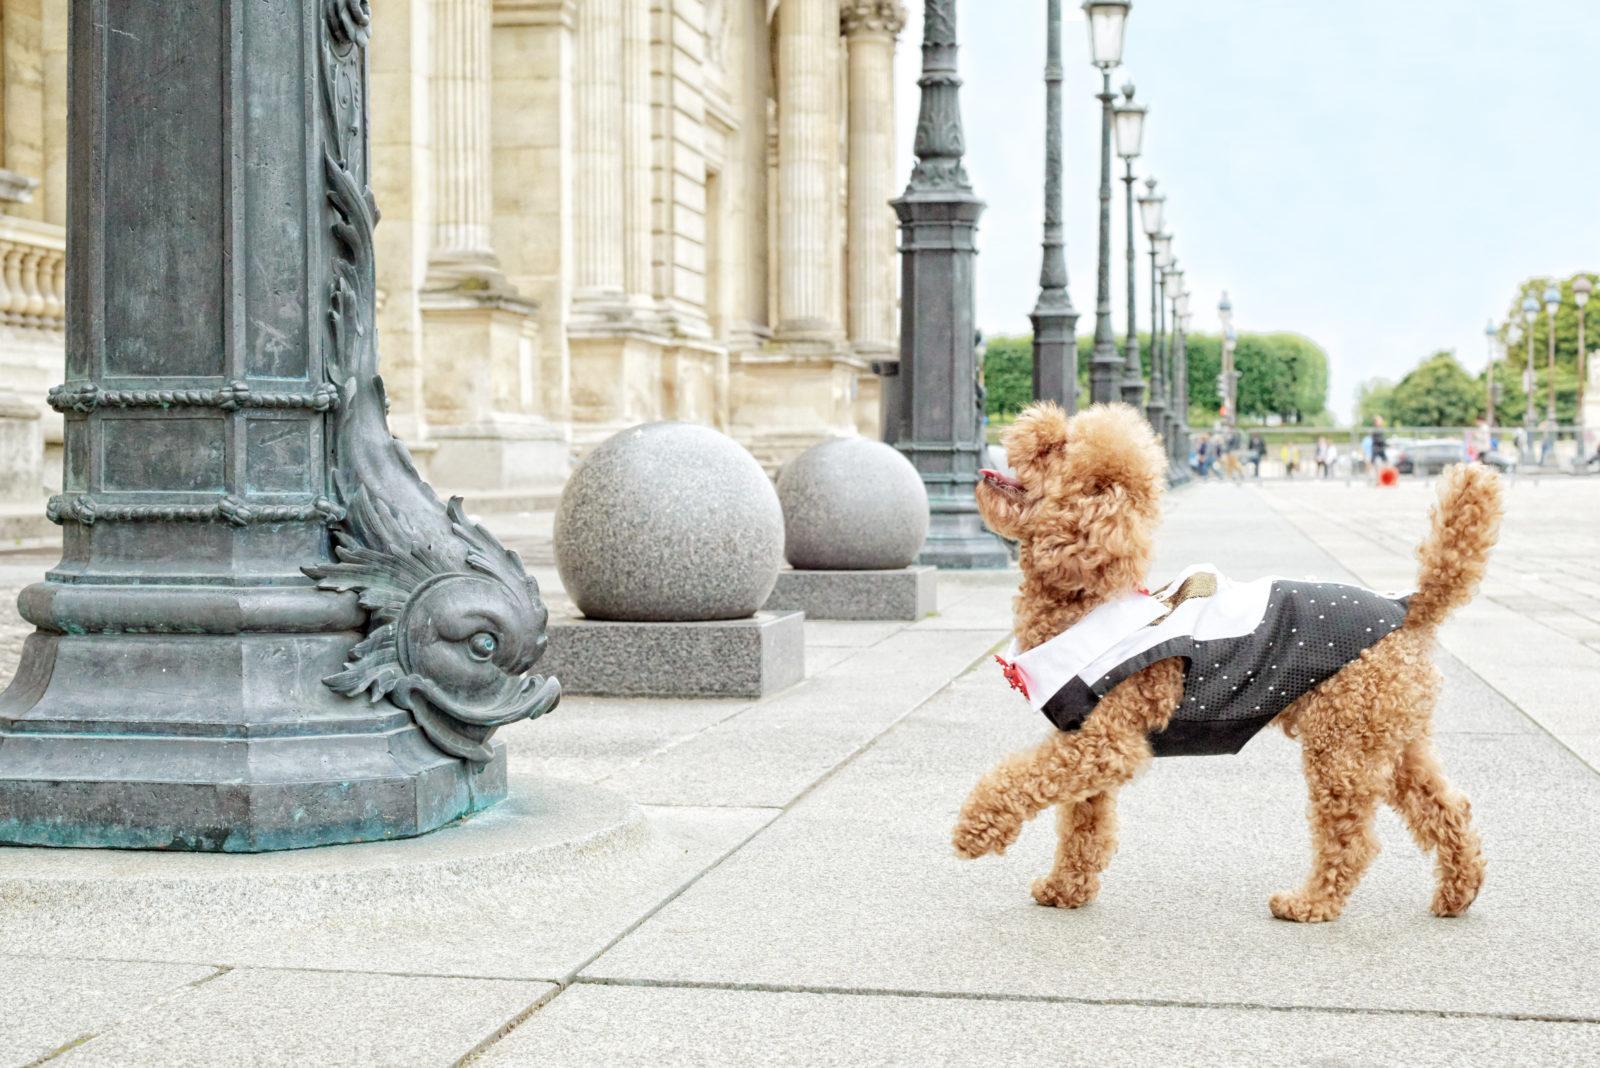 Diana & Toutouna vêtements de luxe et accessoires pour petits chiens - Ô Magazine